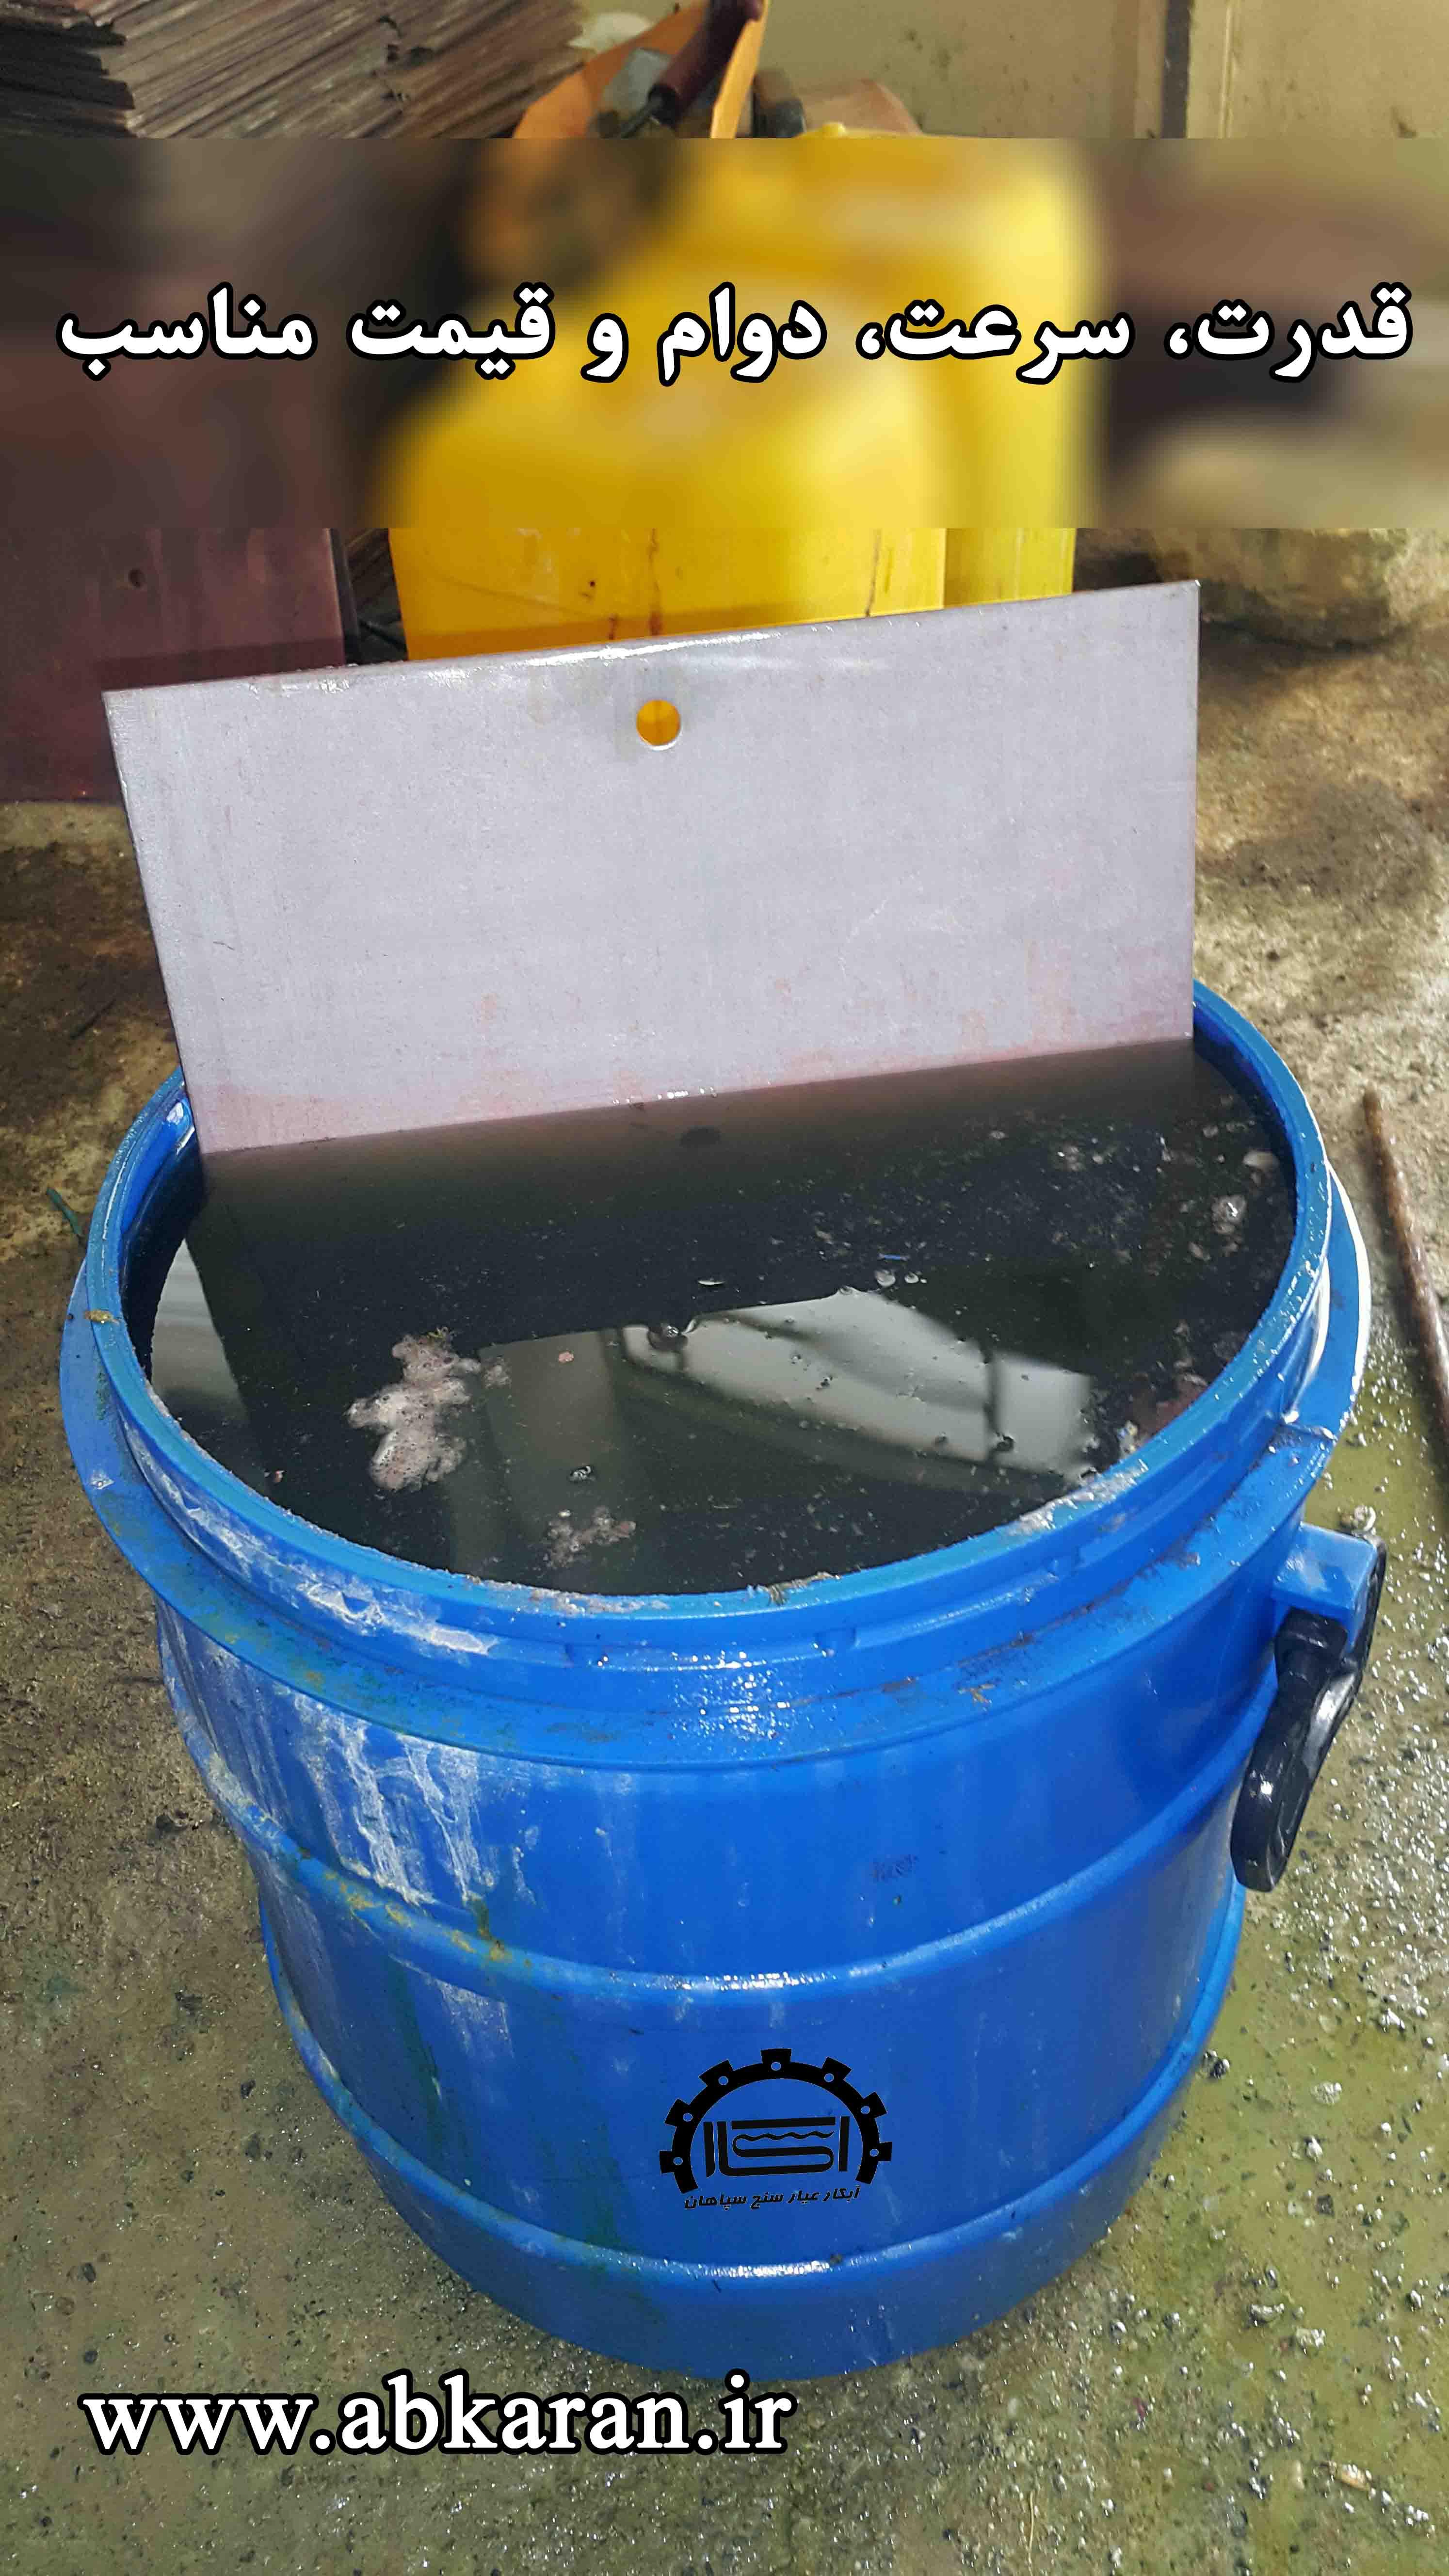 مواد اسید شویی گرید آبکاری